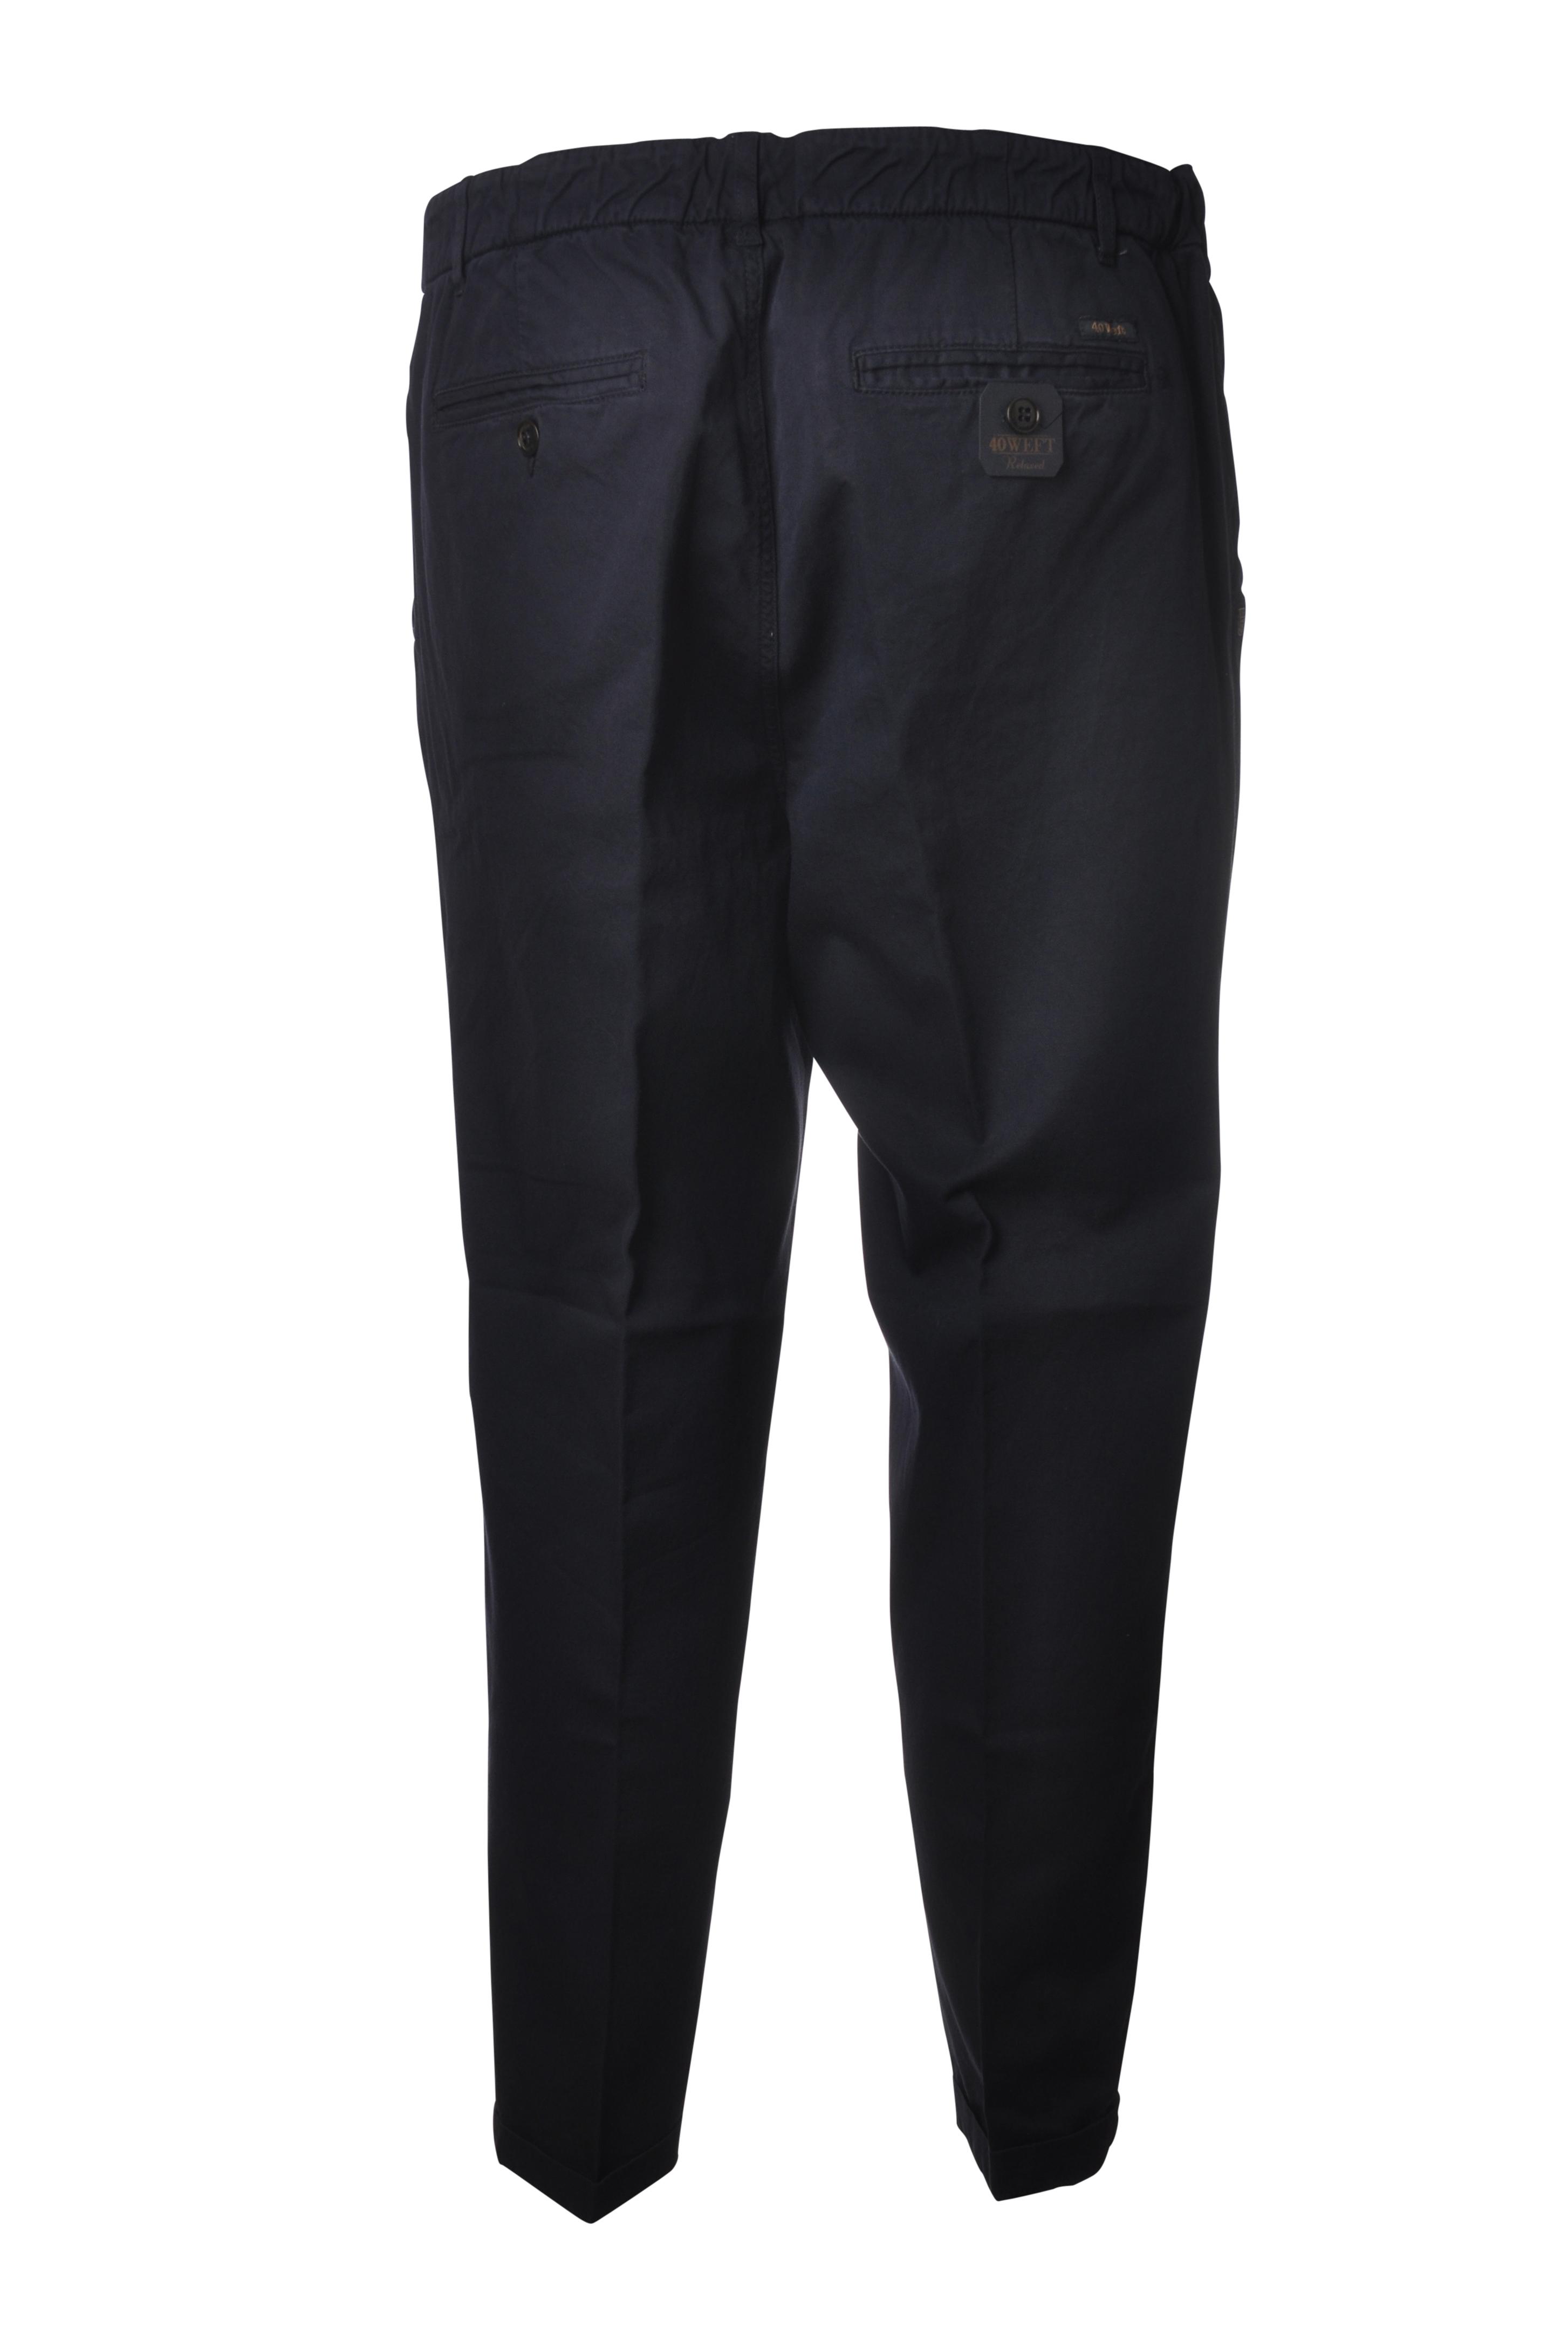 40 Weft - Pantaloni